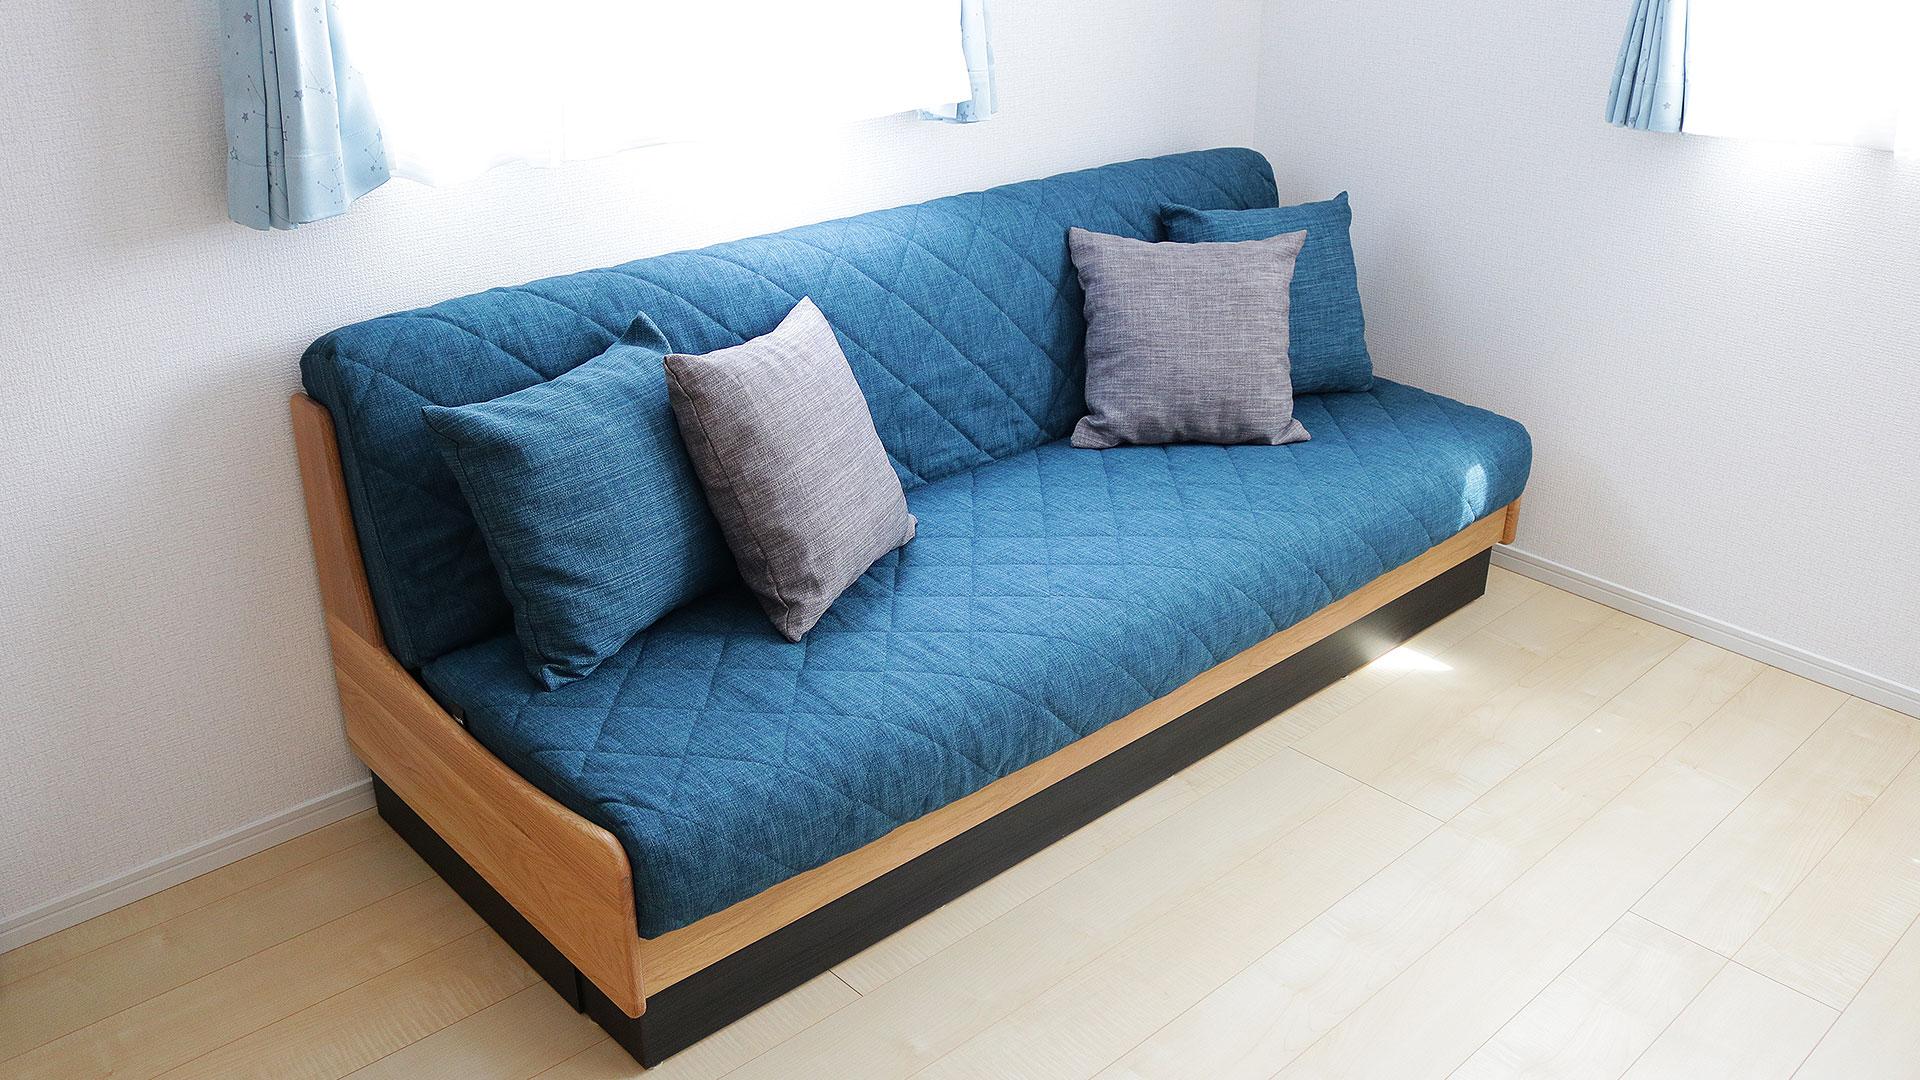 横幅200cmのモーブルのごろ寝ソファードロシーブルー色